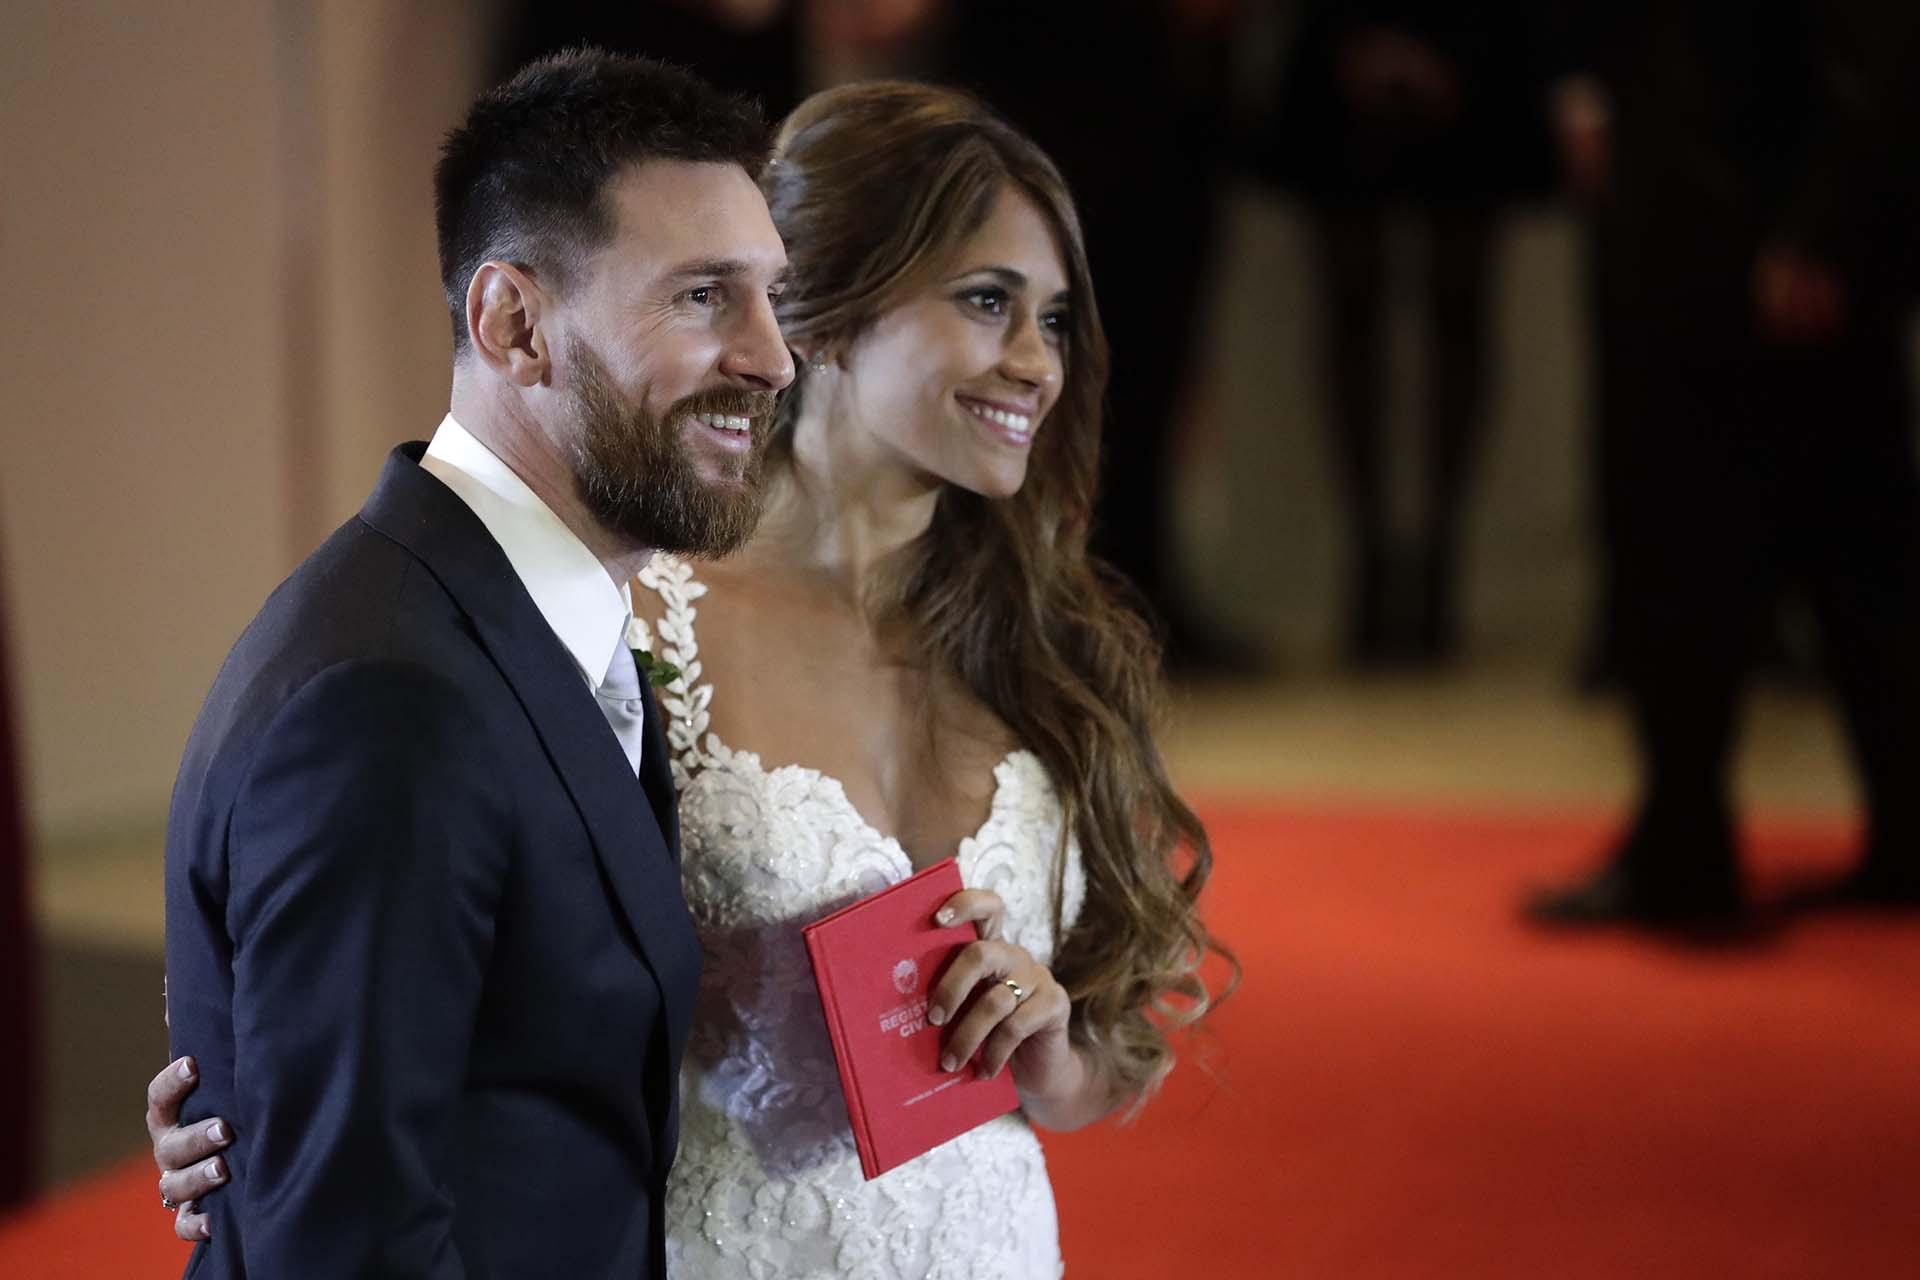 La pareja, con la libreta de casamiento en mano(AP Photo/Victor R. Caivano)